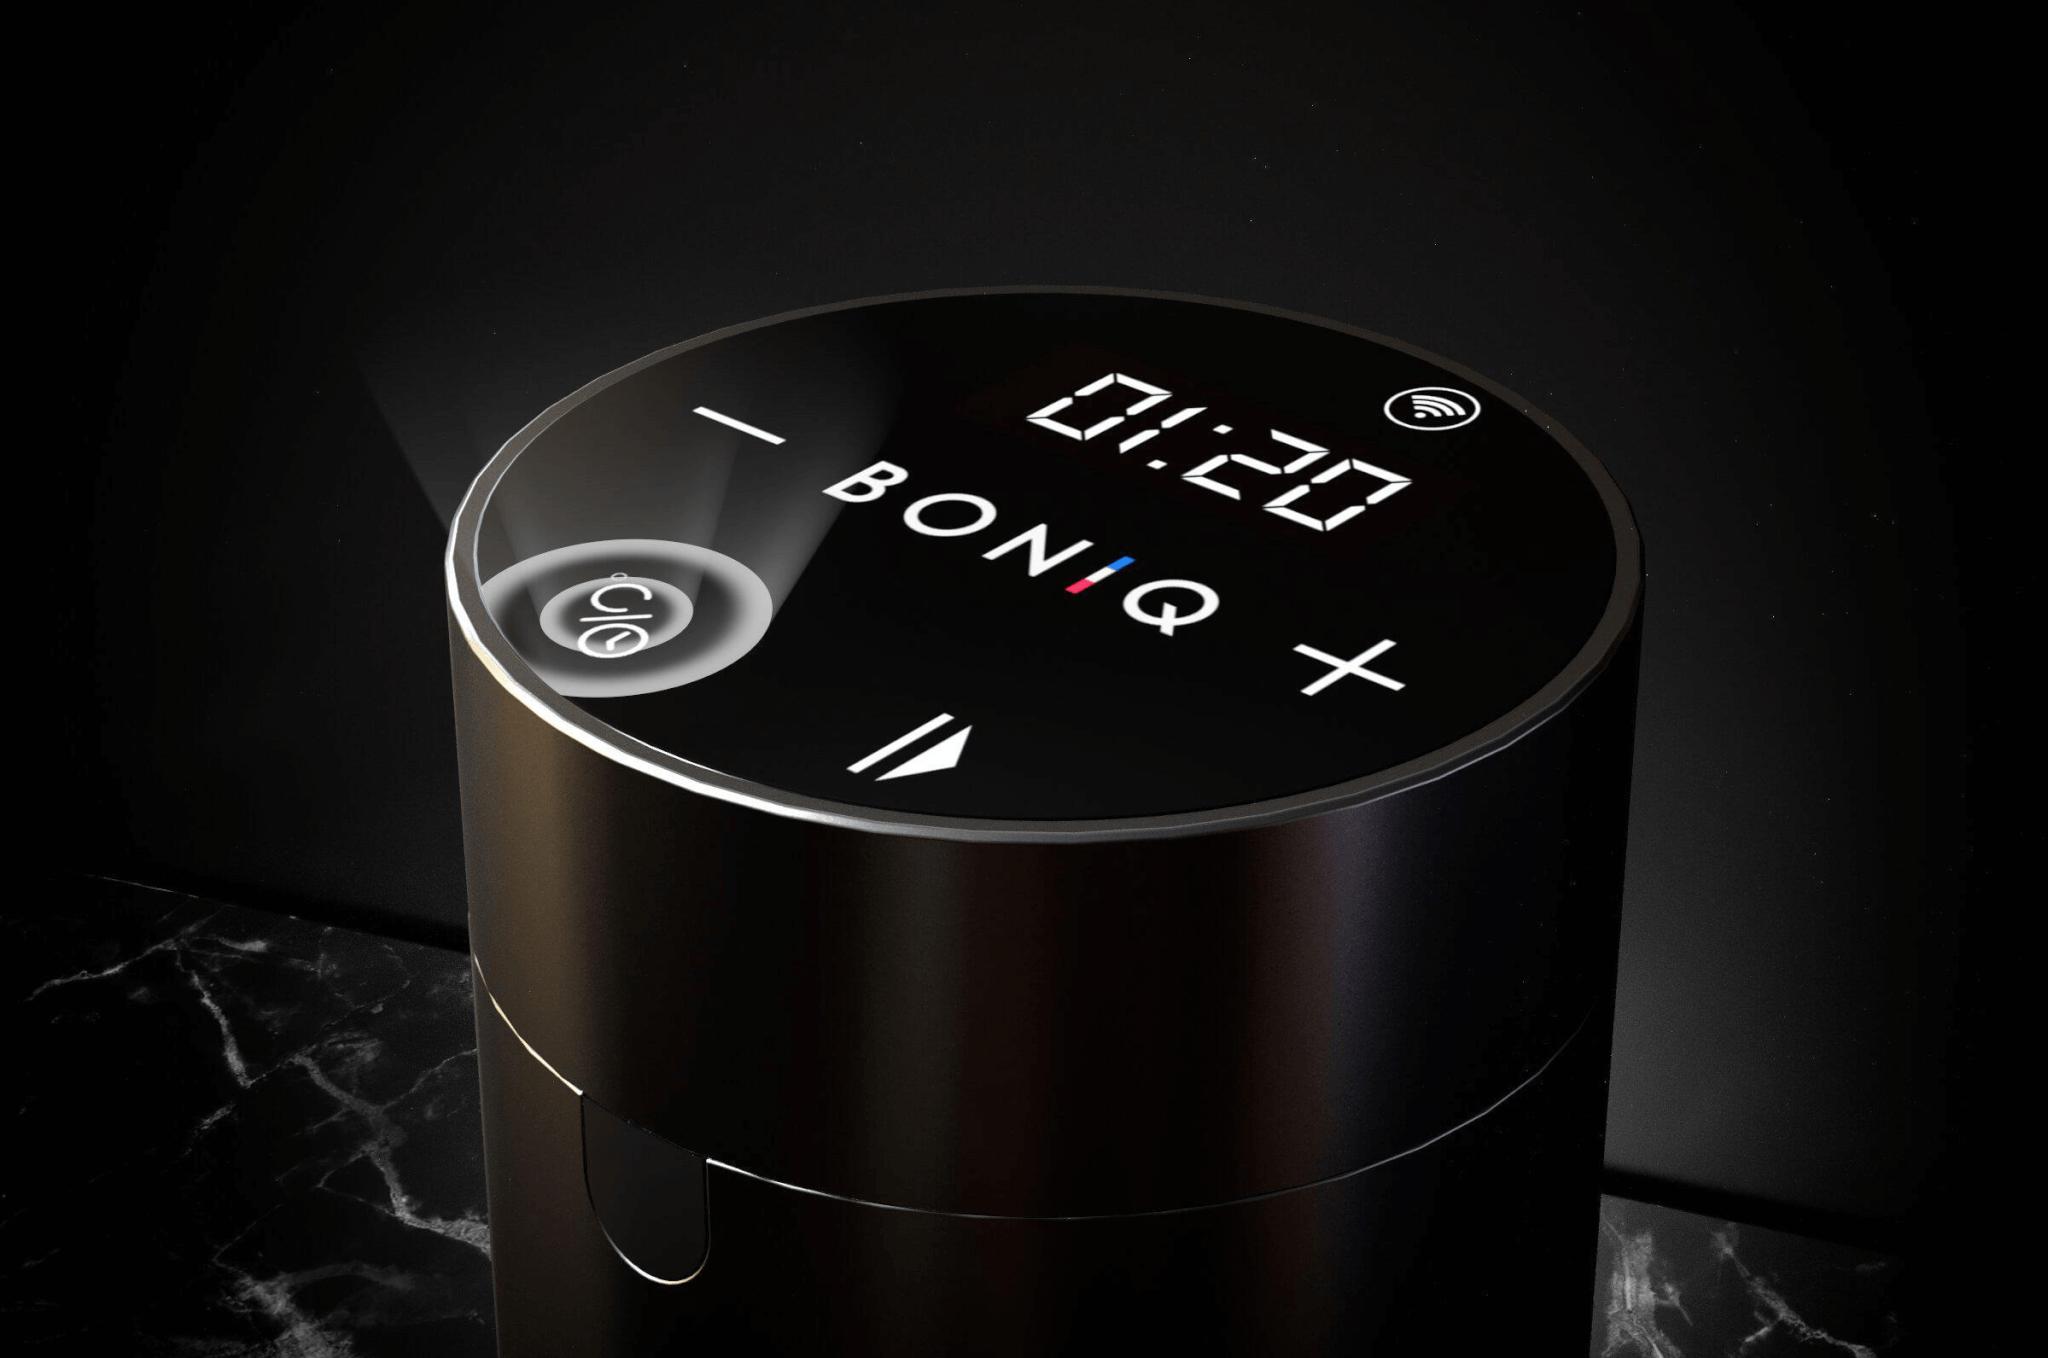 プロ仕様の低温調理器「BONIQ Pro (ボニークプロ)」 使い勝手にも配慮